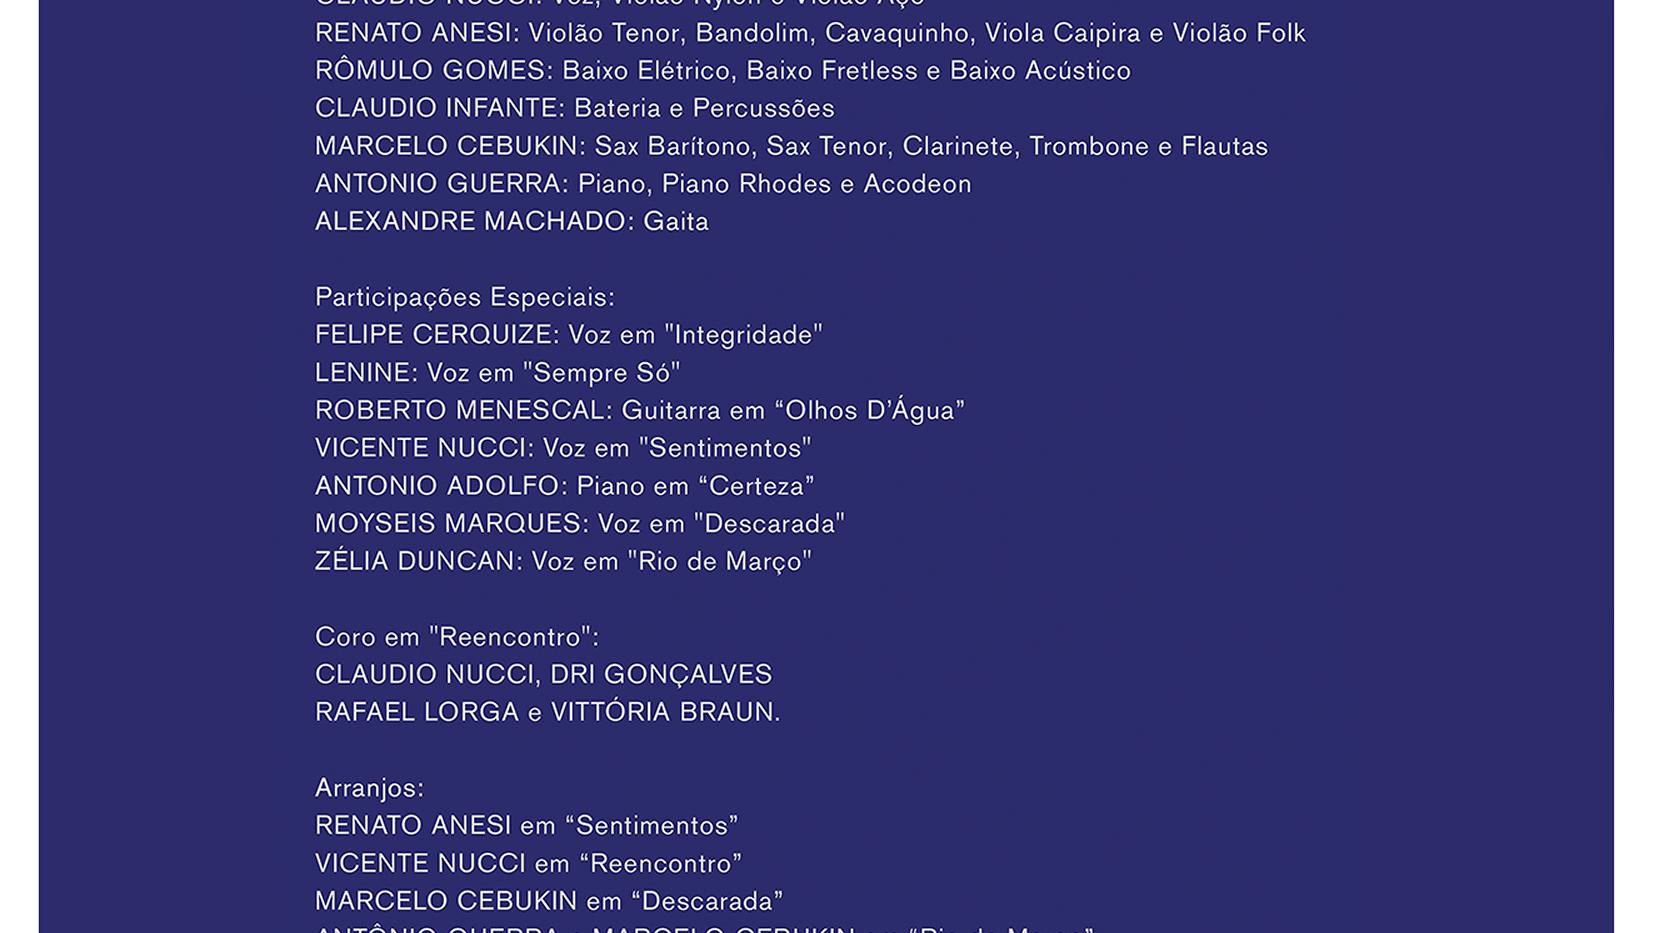 Músicos / Participações